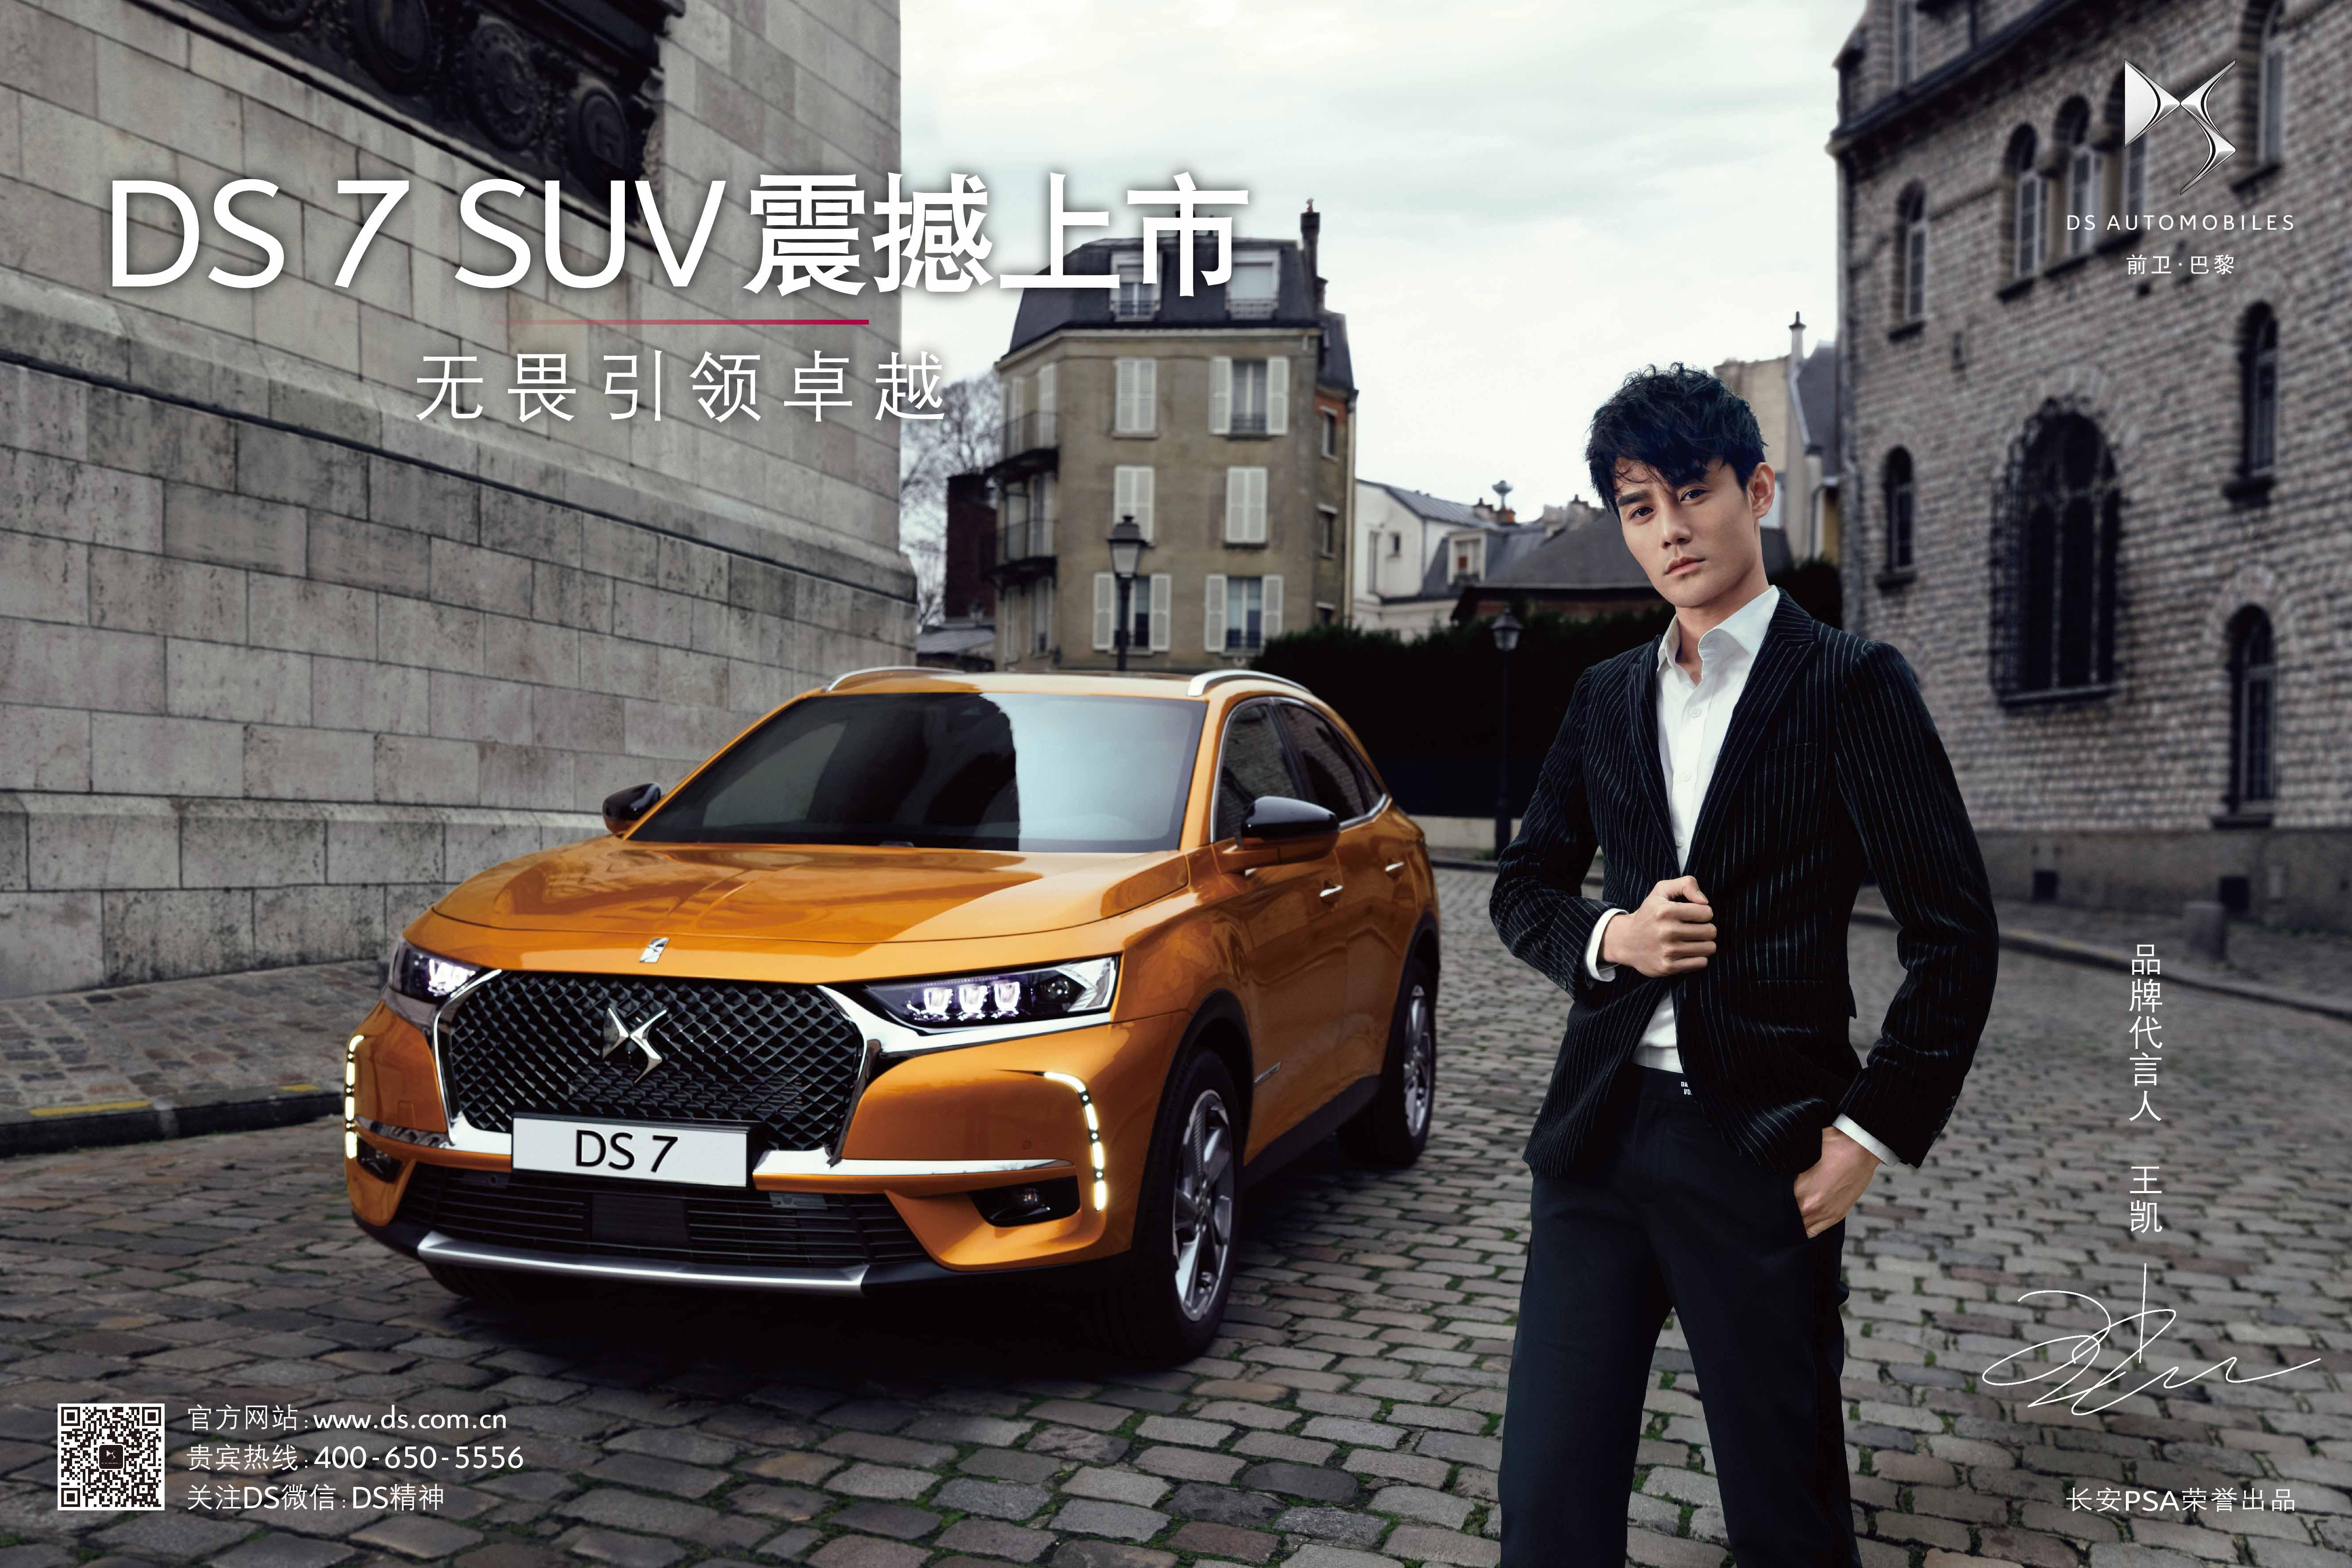 DS 7 SUV震撼上市-王凯.jpg